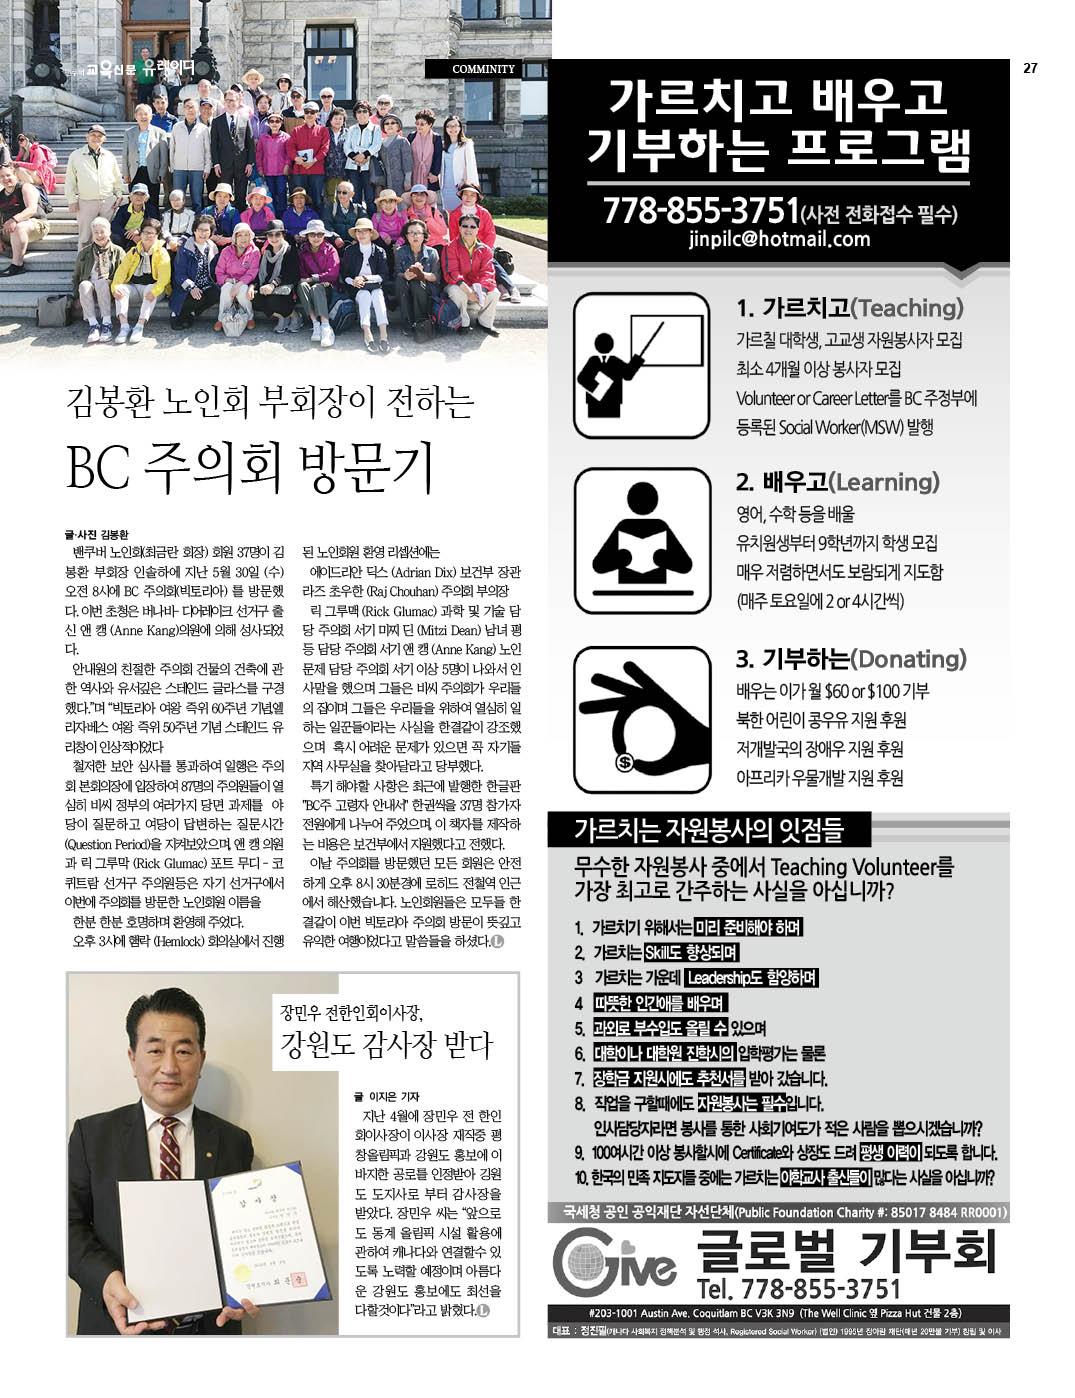 김봉환 노인회 부회장 BC주의회방문기